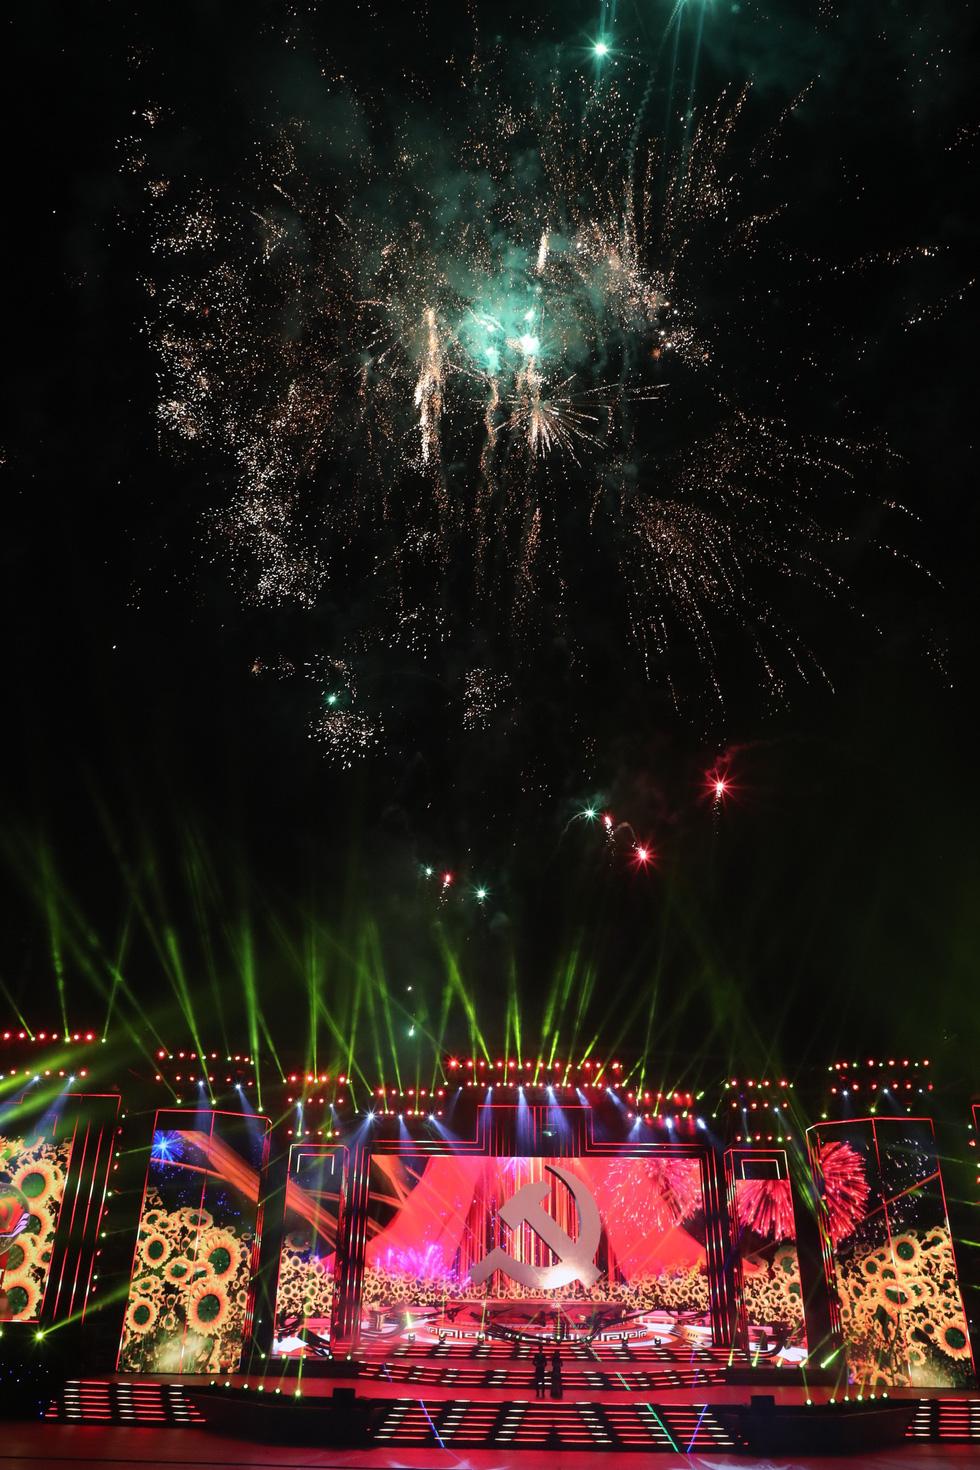 Rực rỡ Khát vọng - Tỏa sáng chào mừng thành công Đại hội Đảng - Ảnh 4.